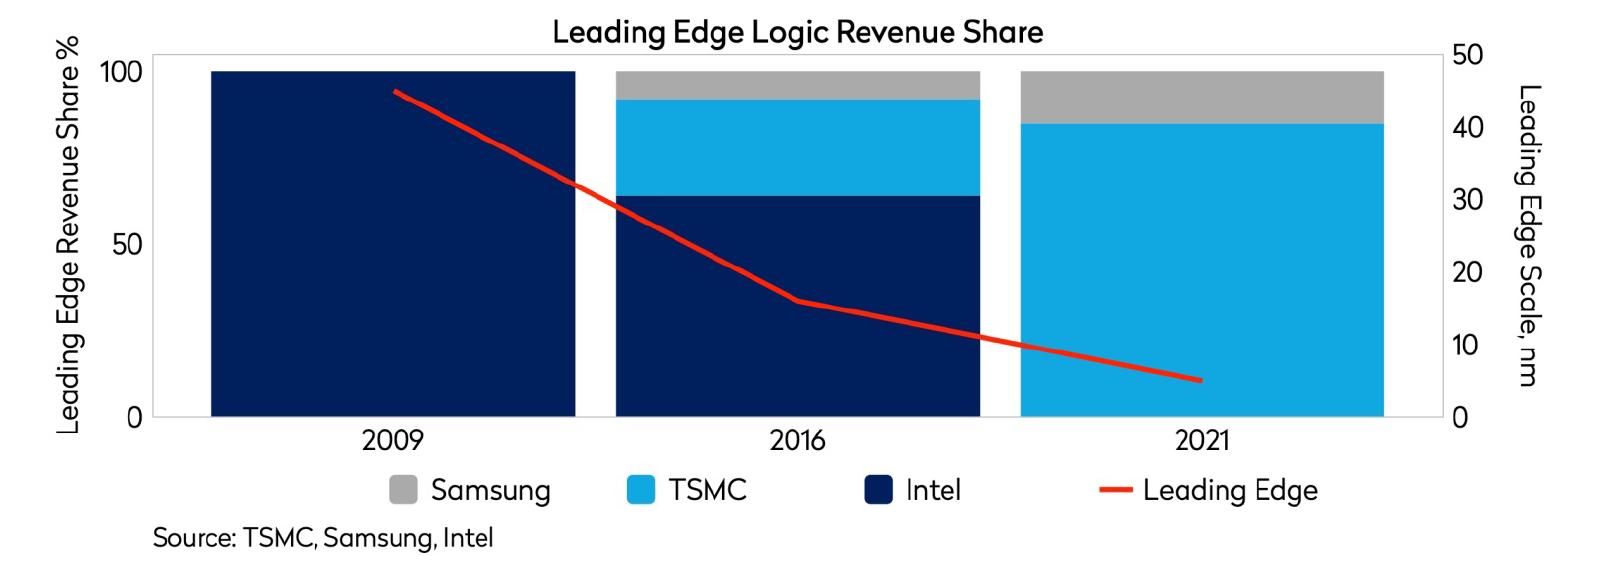 leading edge logic revenue share